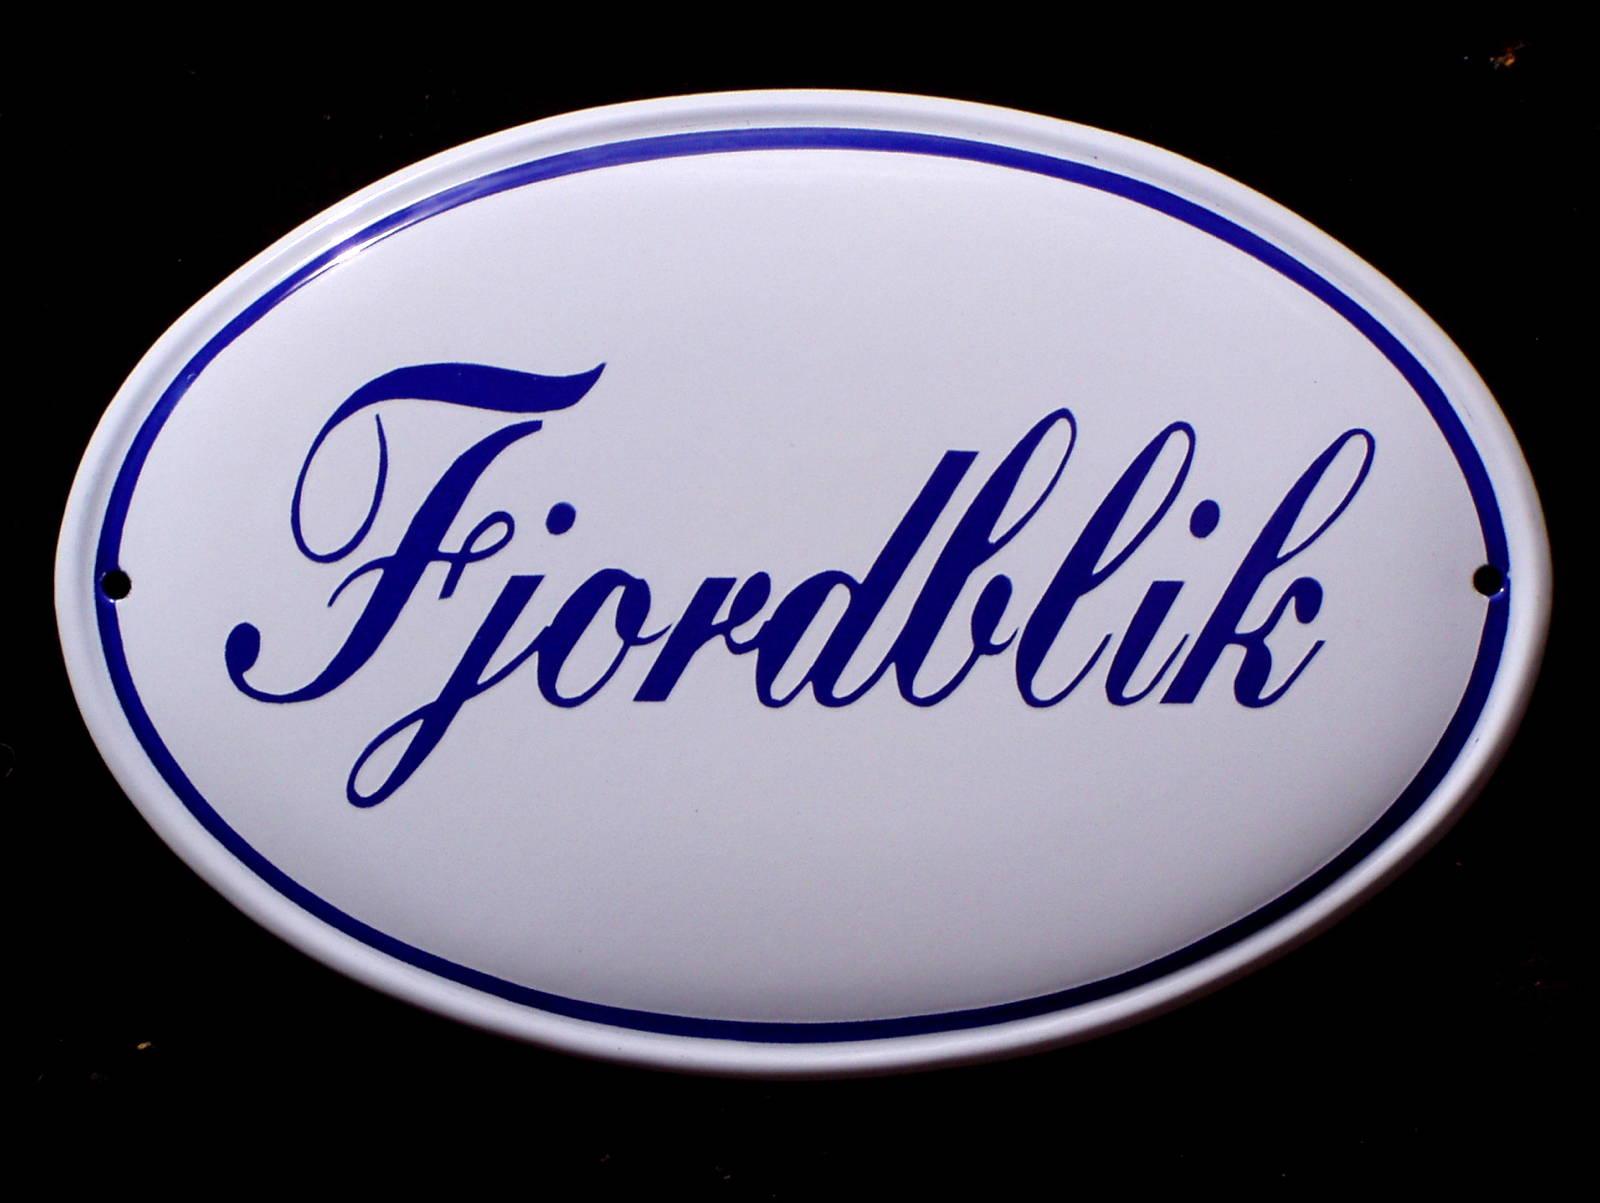 Husskilte-Fjordblik-web1600